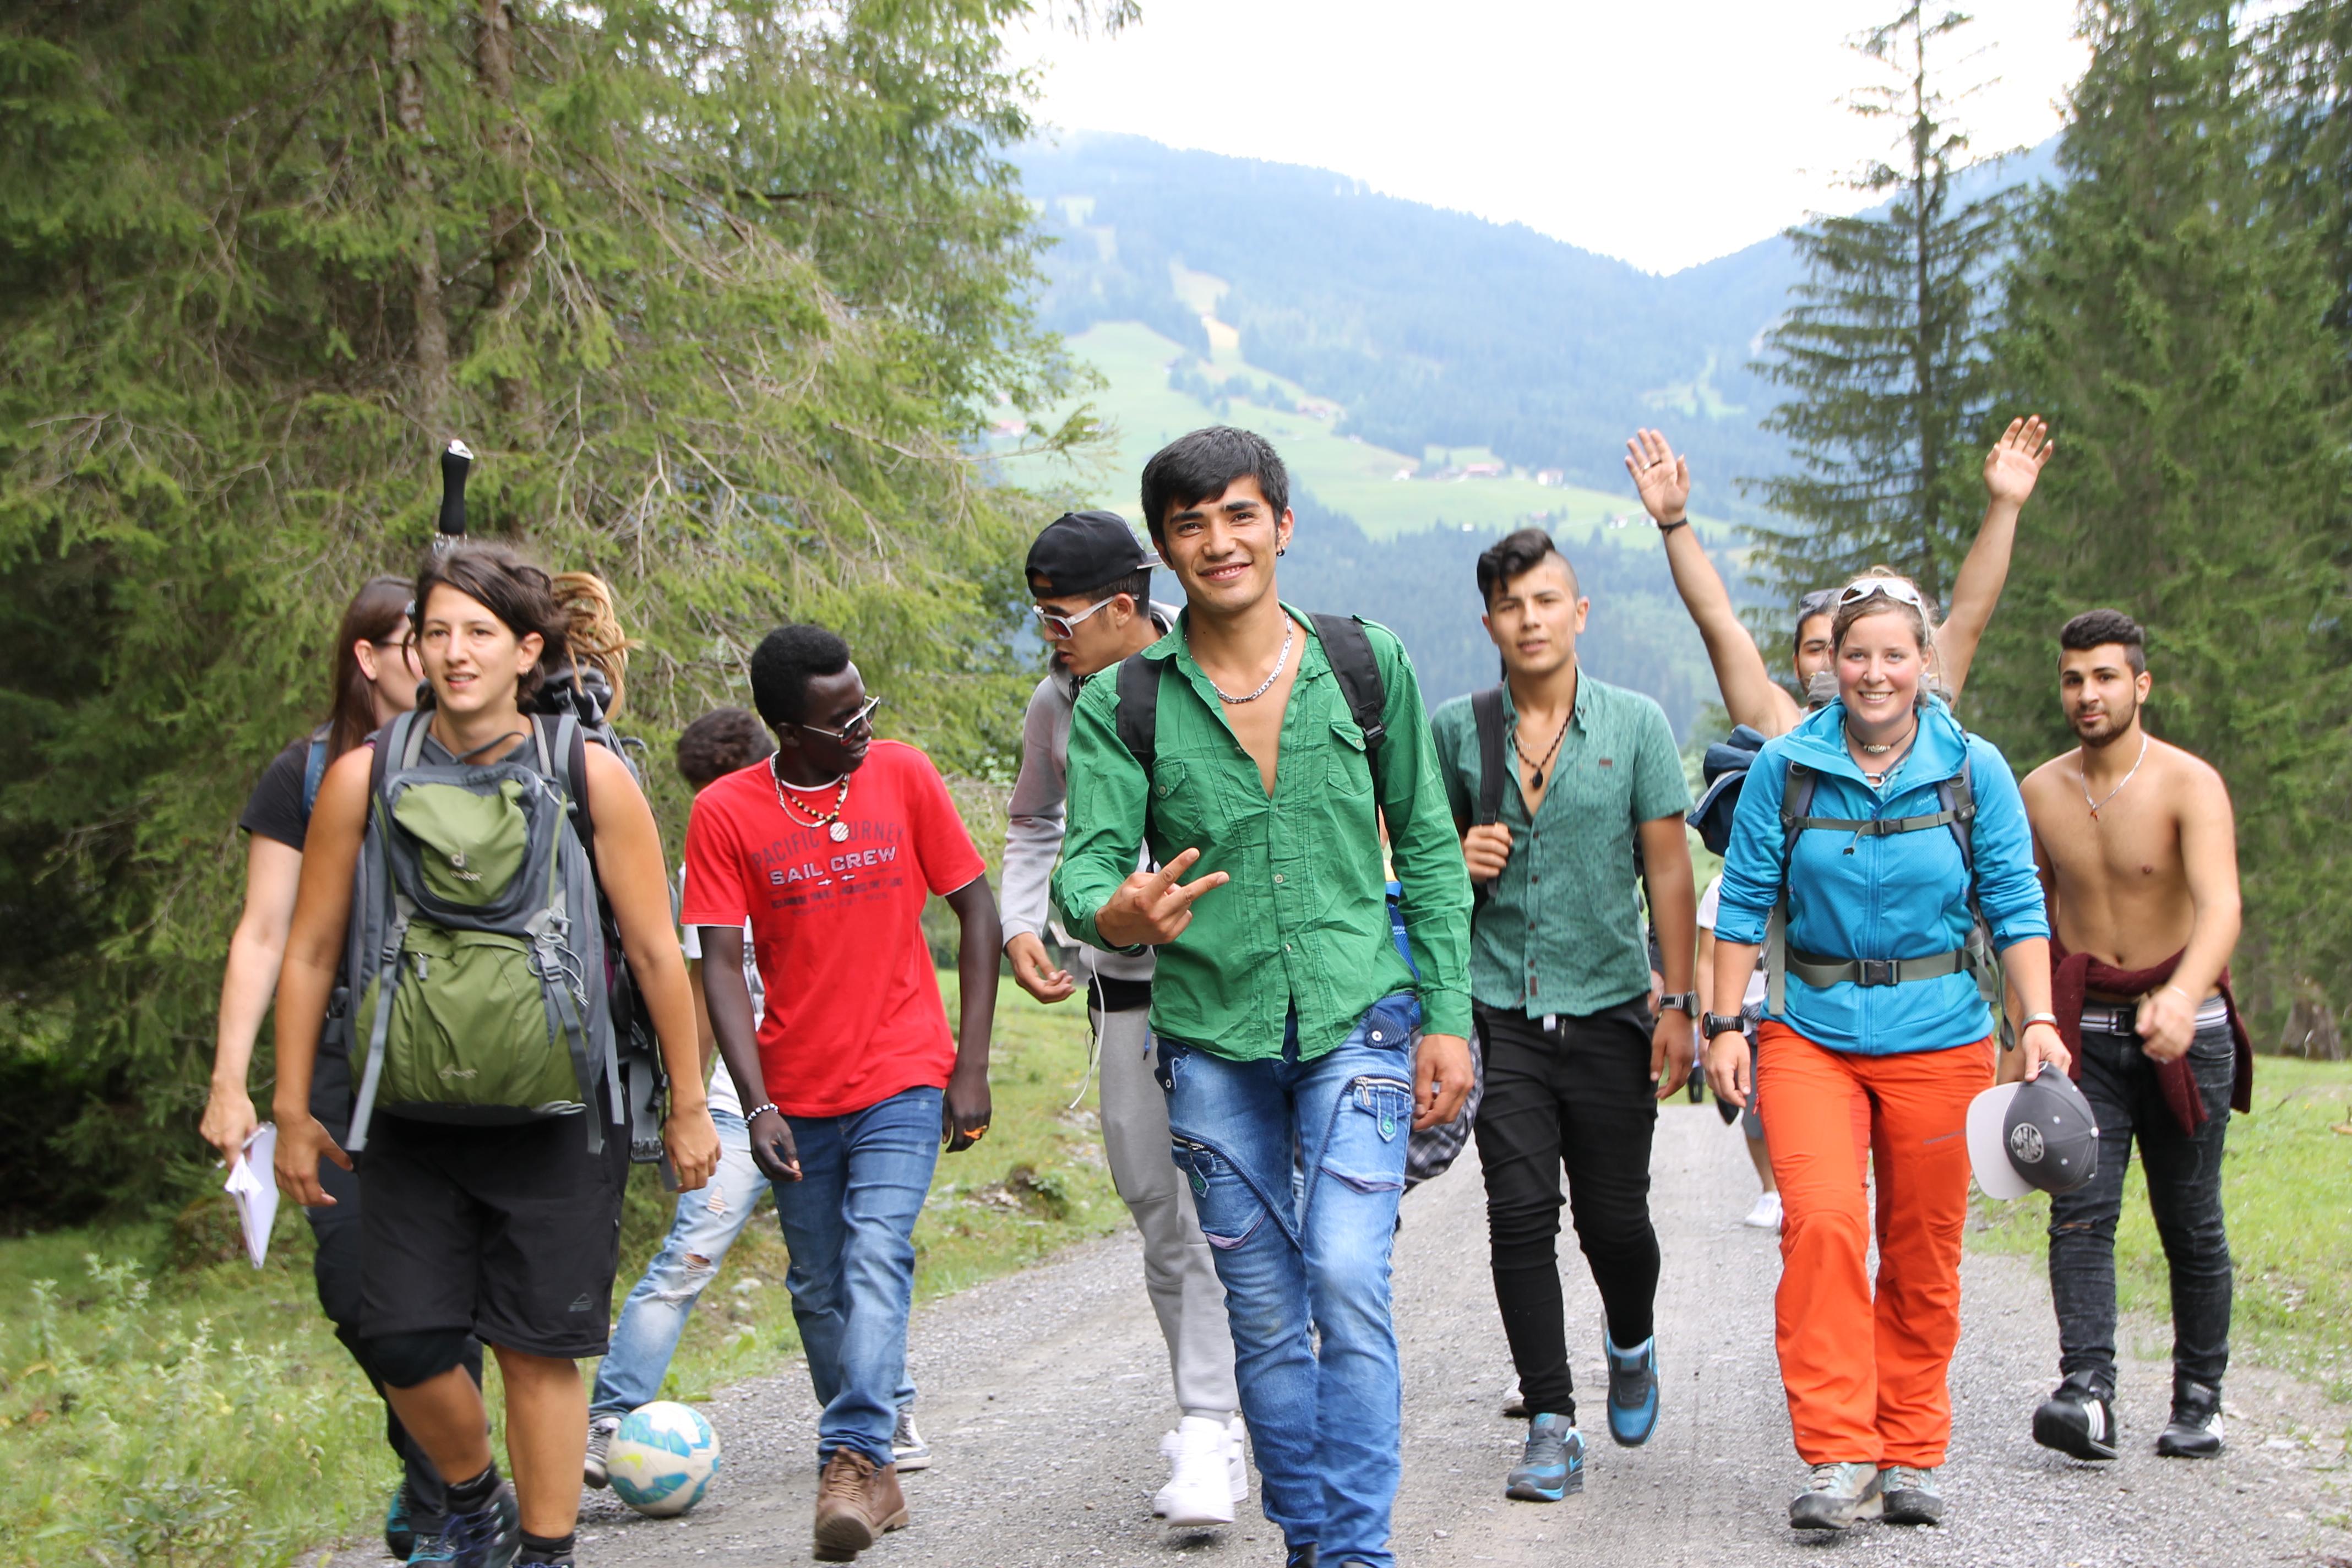 Das etwas andere Wanderoutfit: In Jeans und Turnschuhen ziehen die Jugendlichen los.